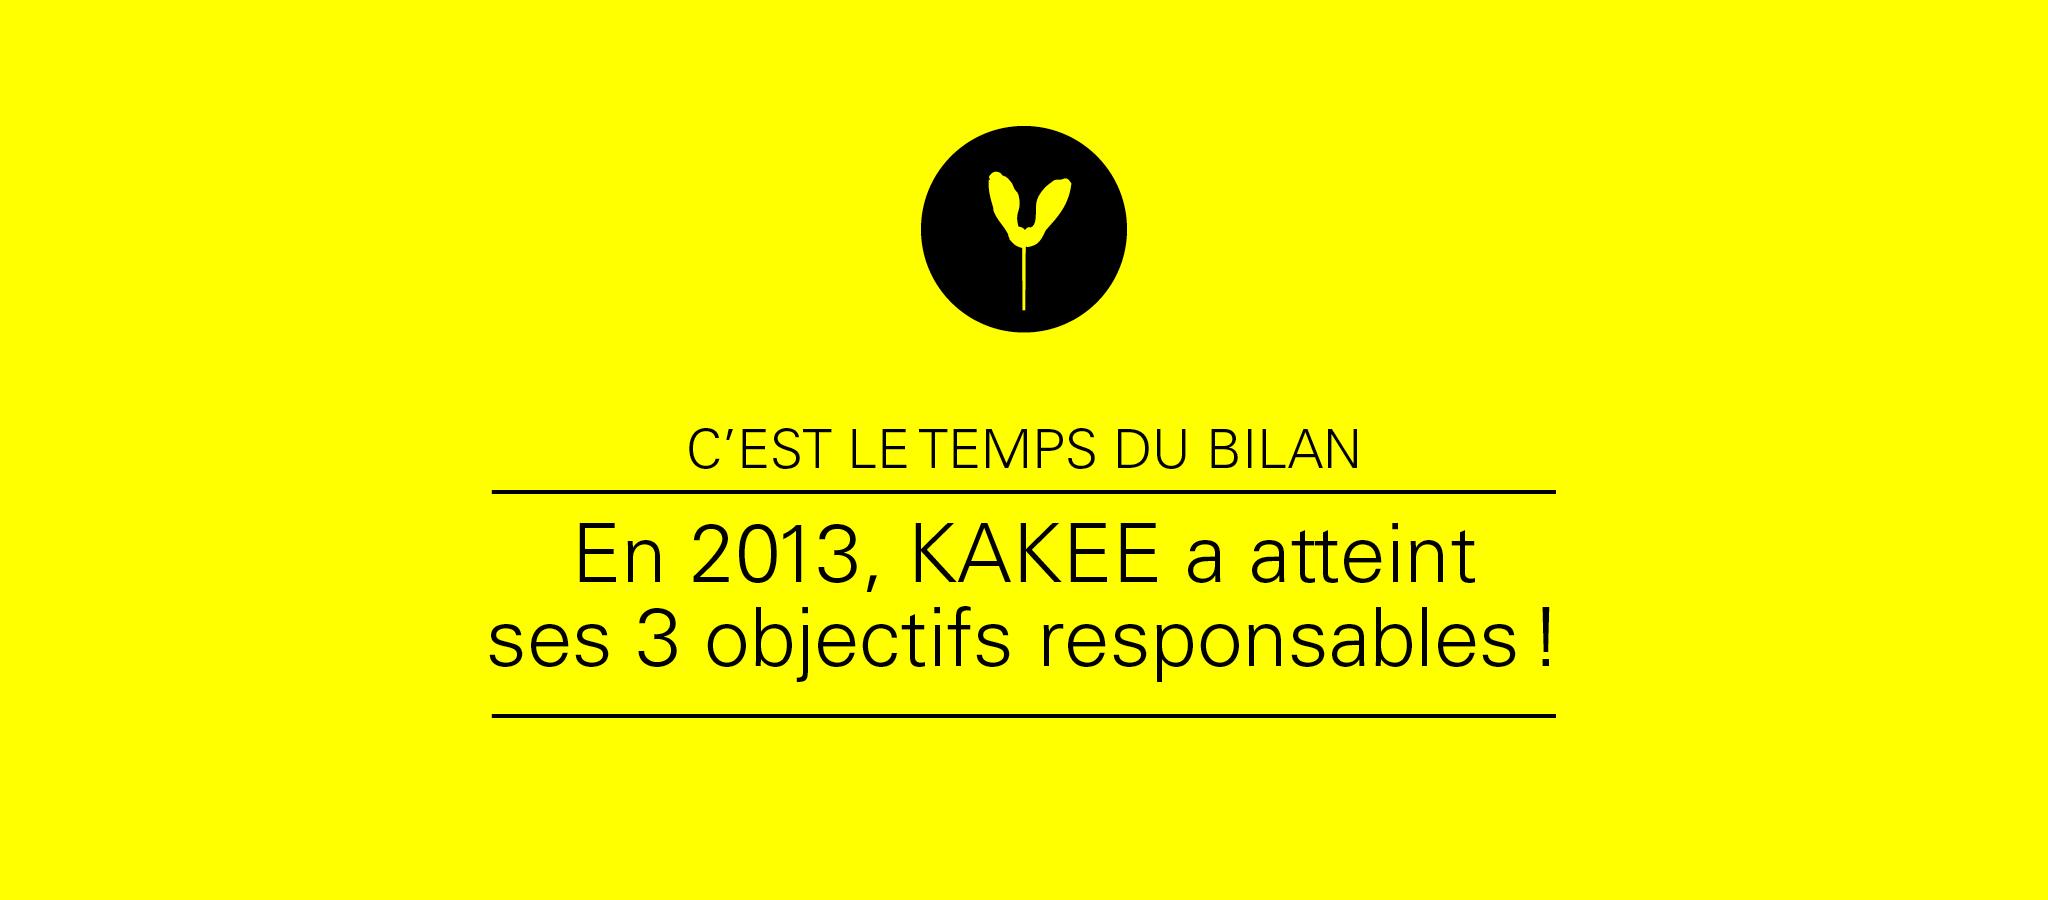 KAKEE publie son deuxième bilan responsable.